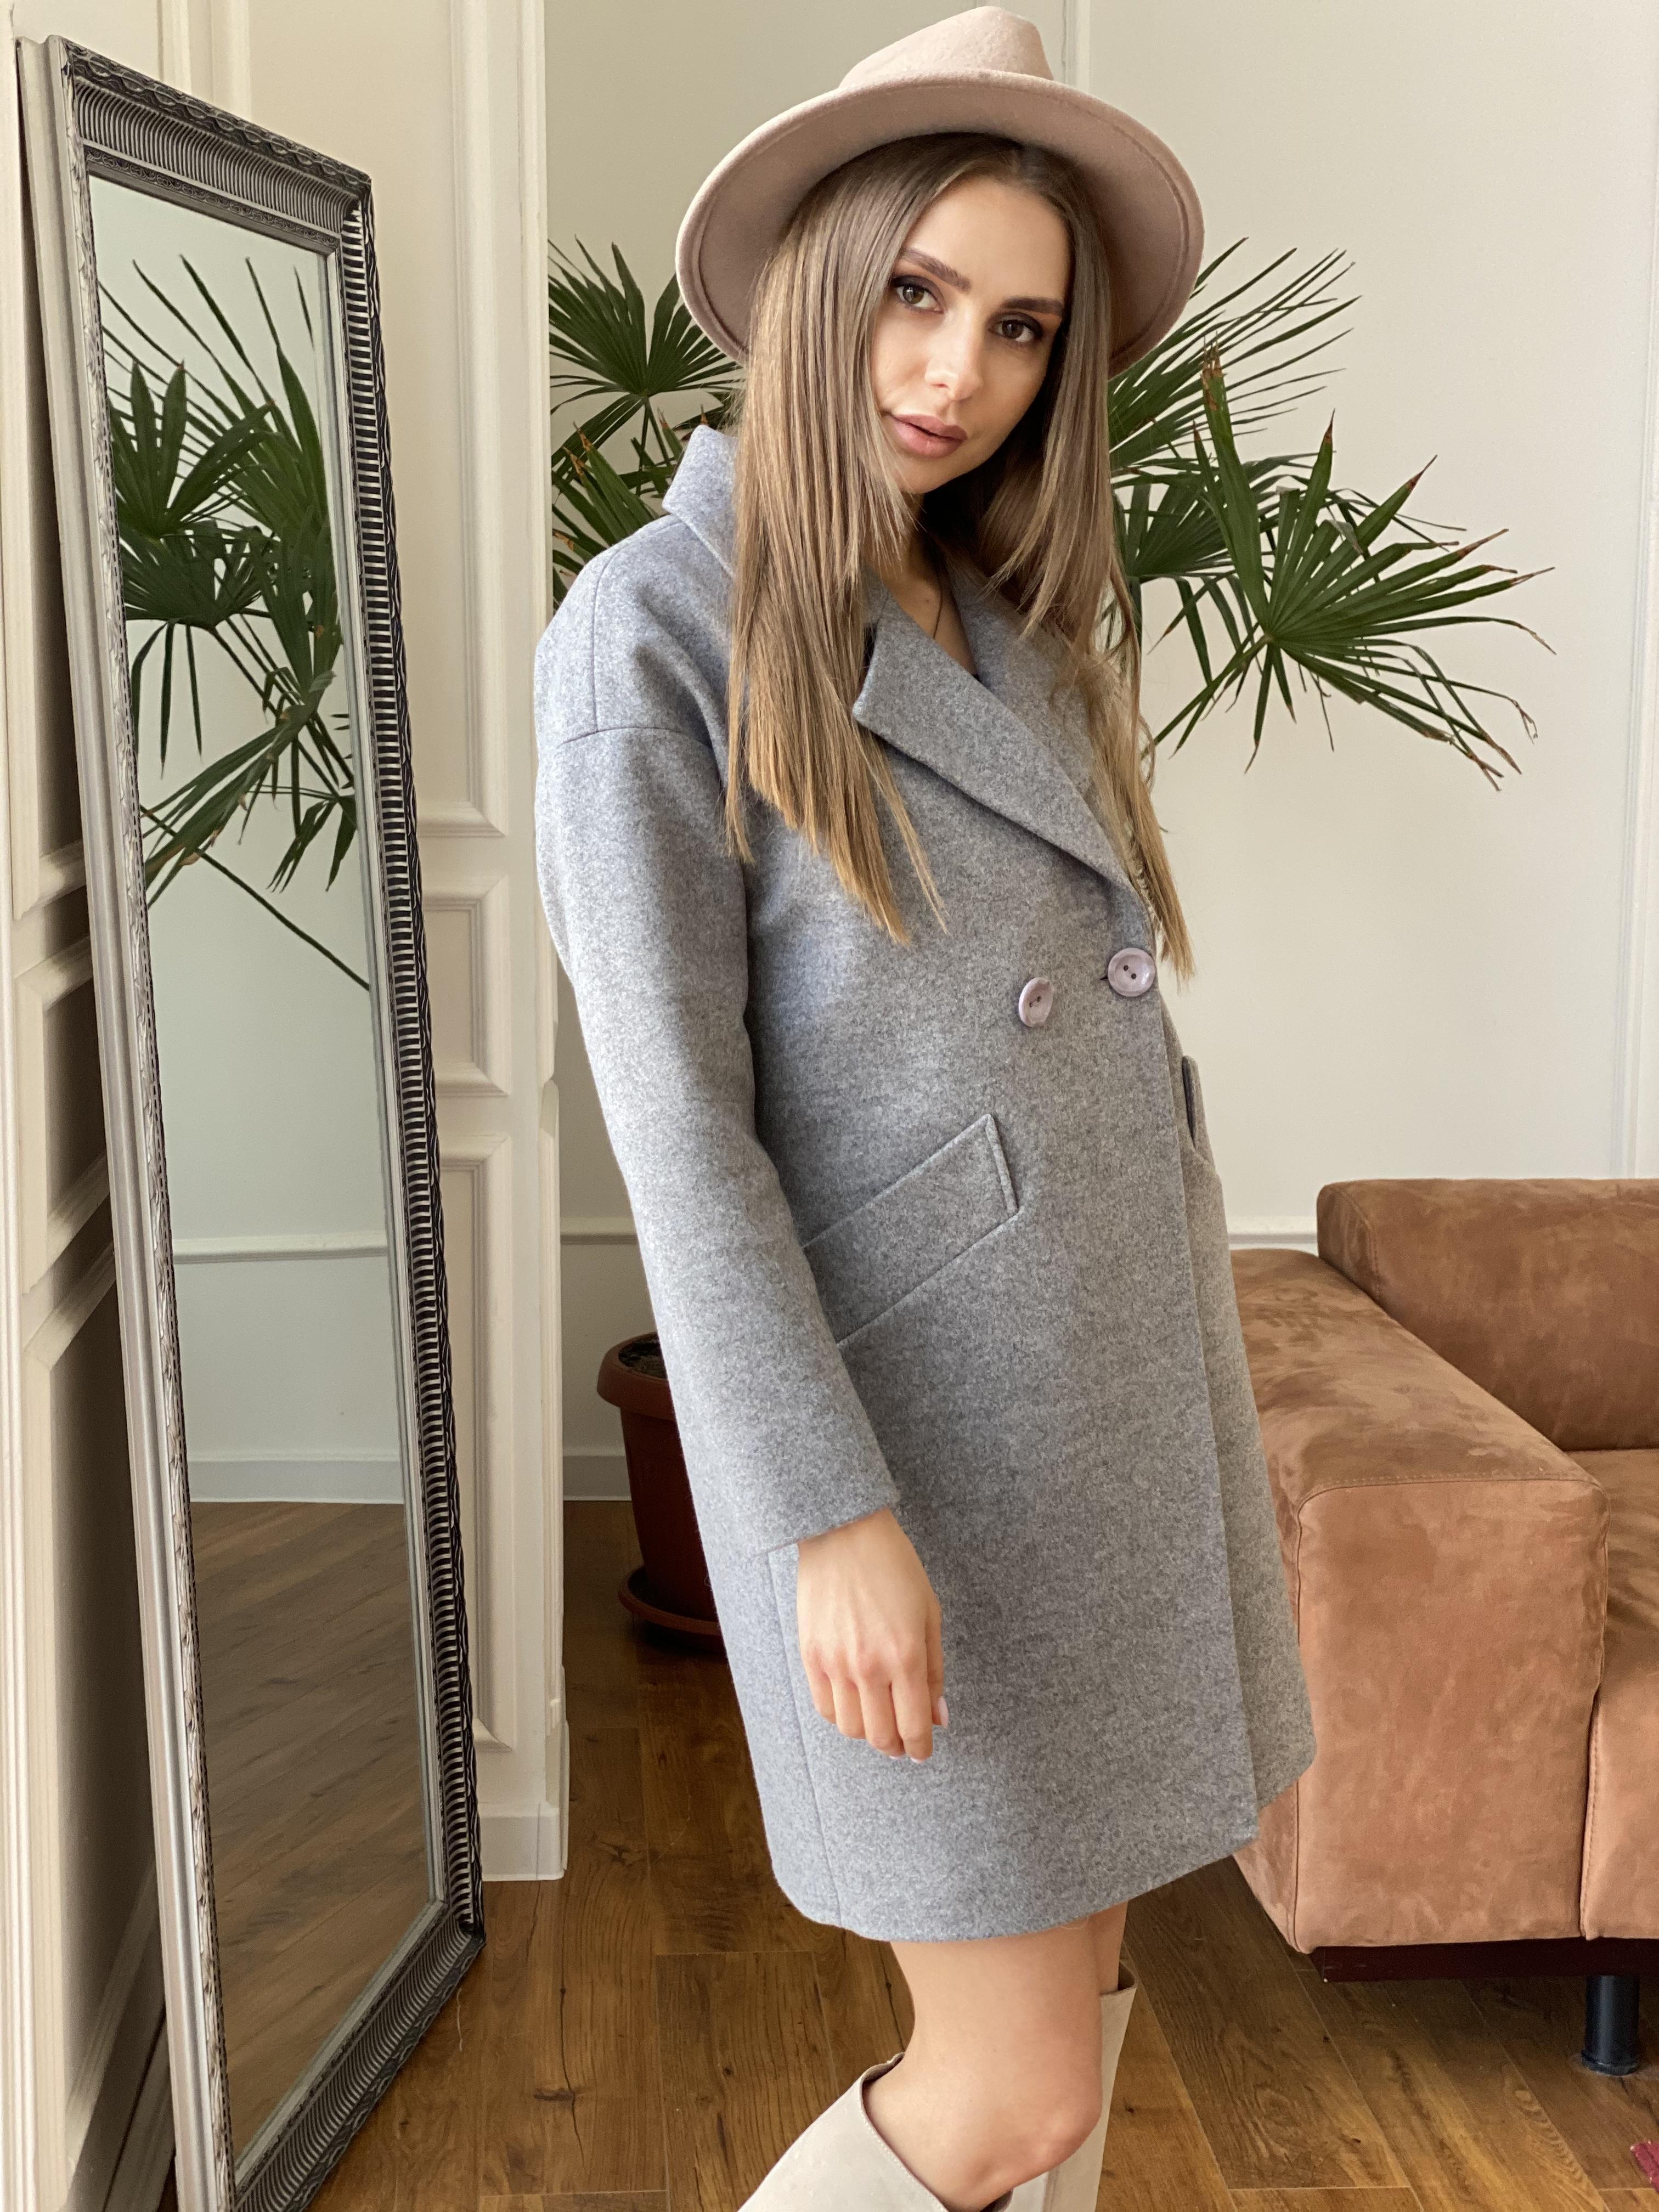 Сенсей пальто из кашемира меланж  10745 АРТ. 47224 Цвет: Карамель 20/1 - фото 2, интернет магазин tm-modus.ru